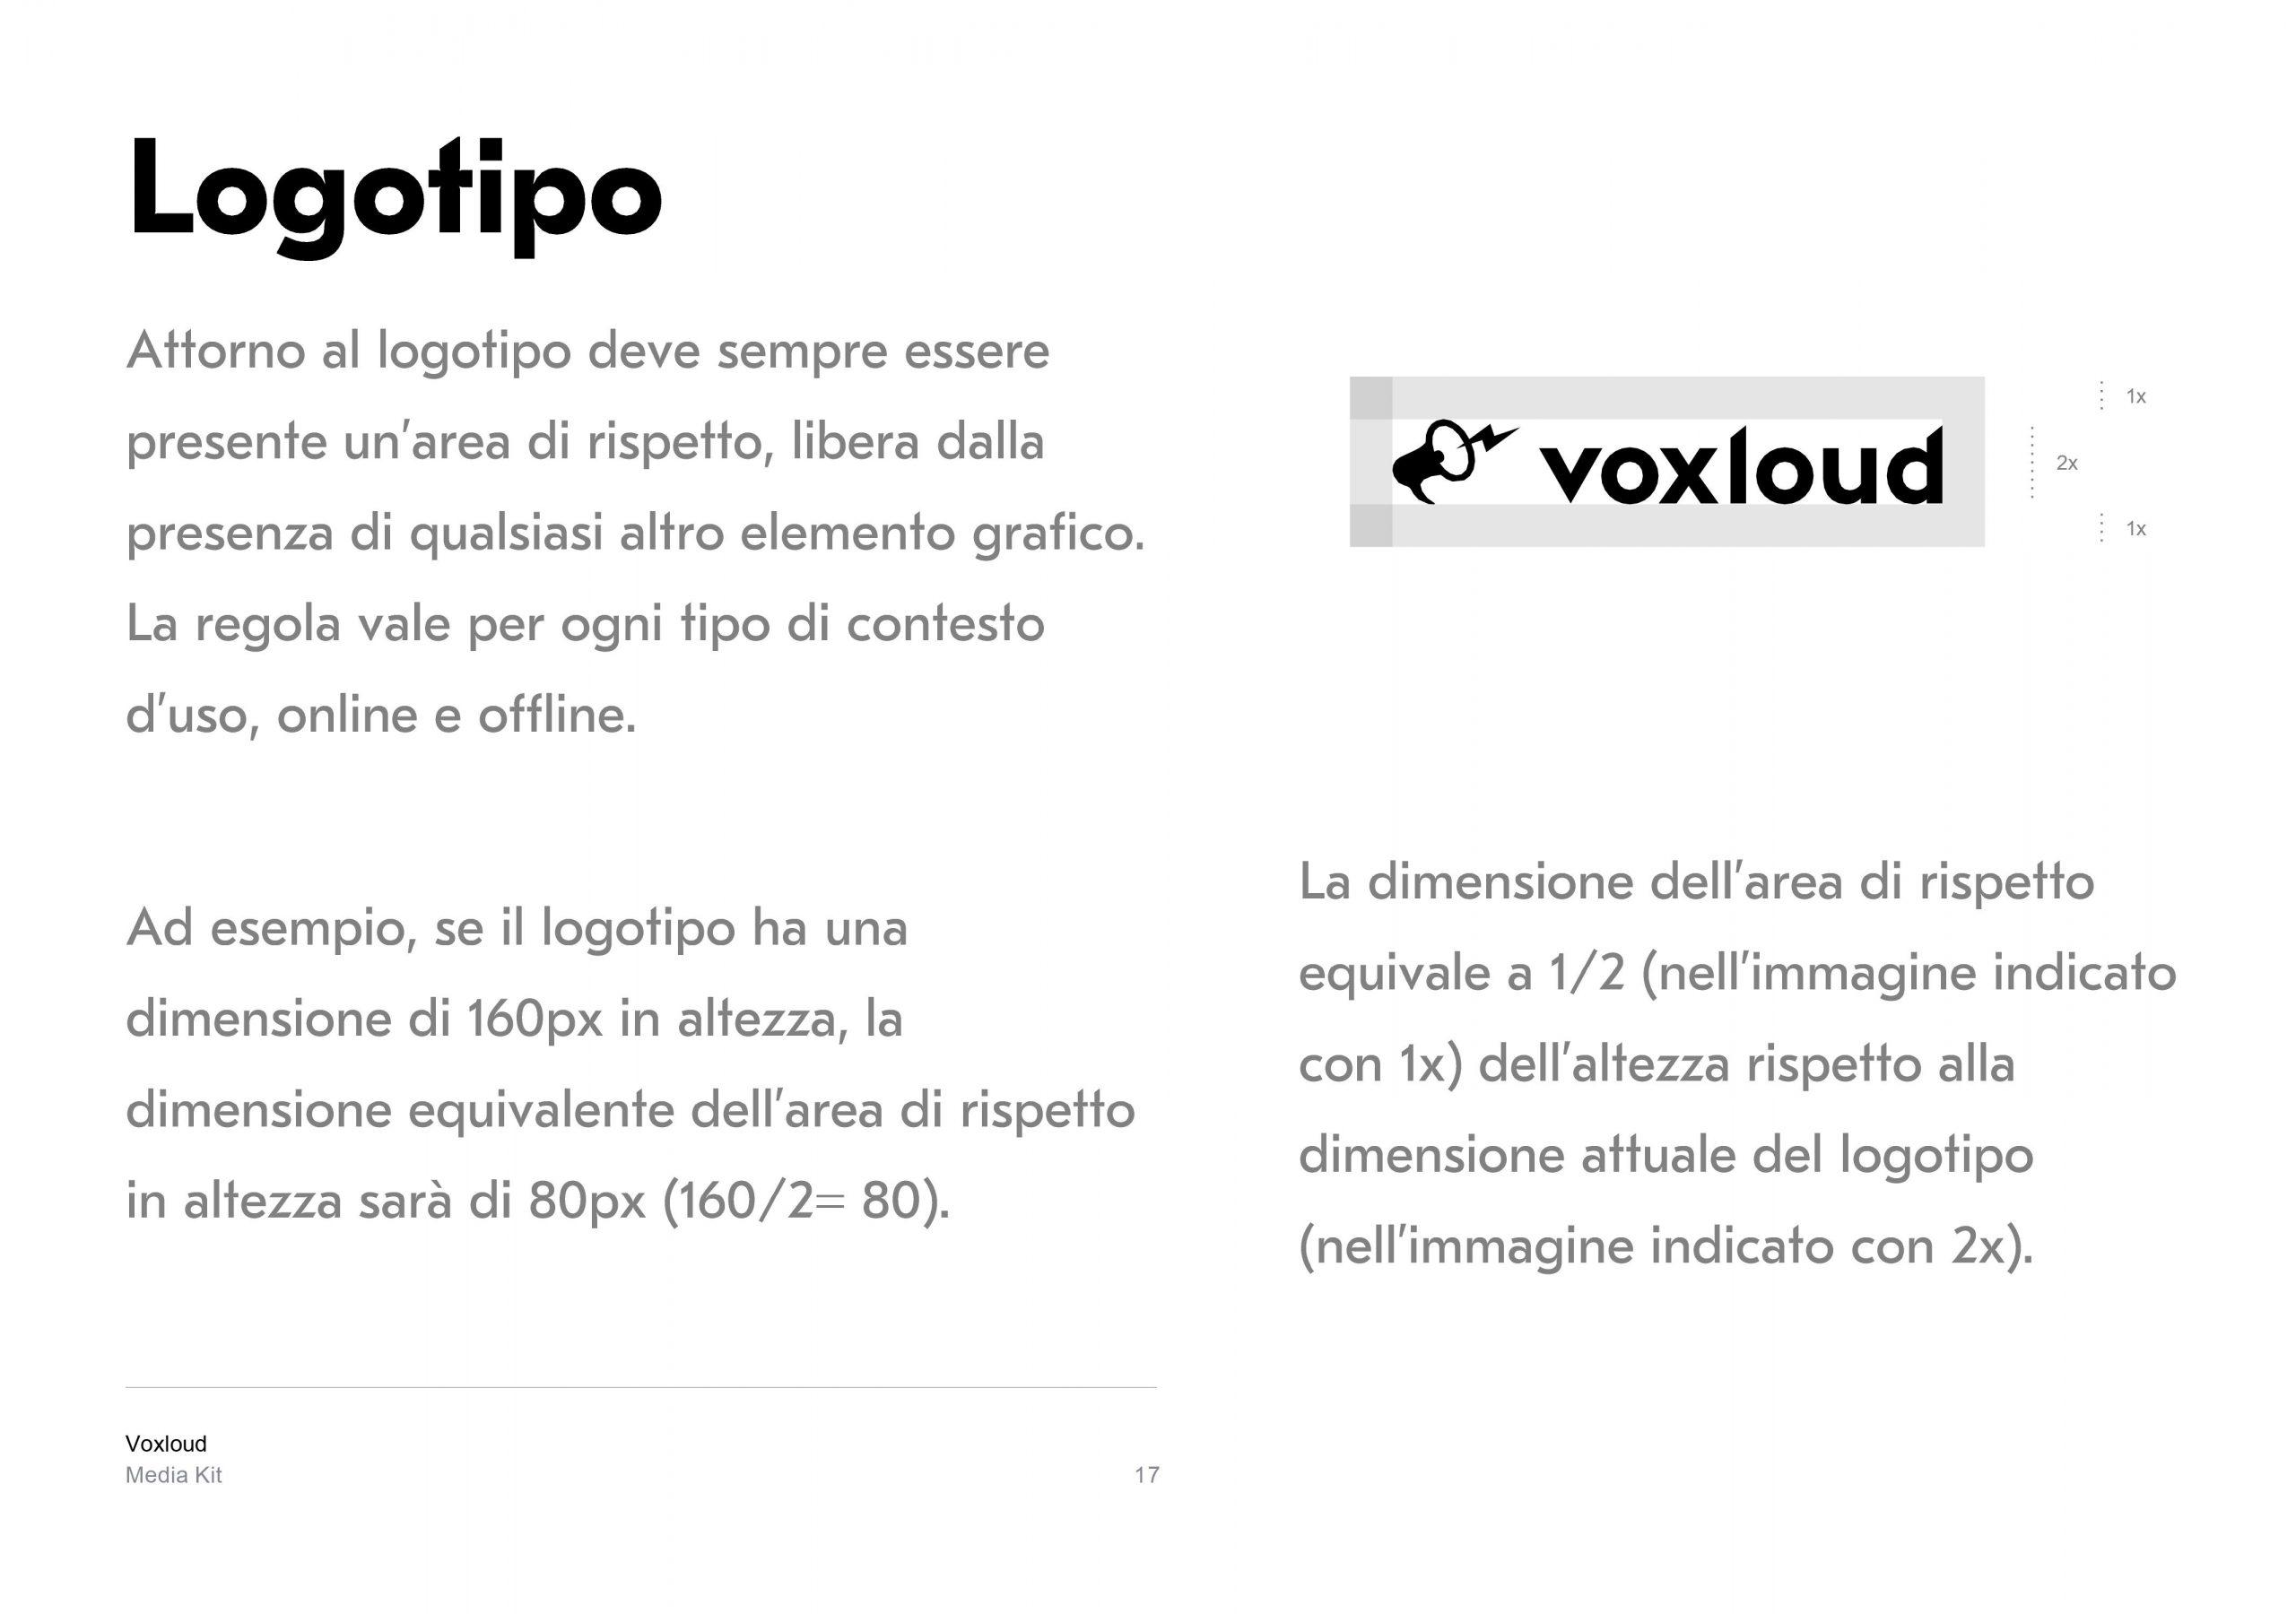 Voxloud Media Kit_IT_17